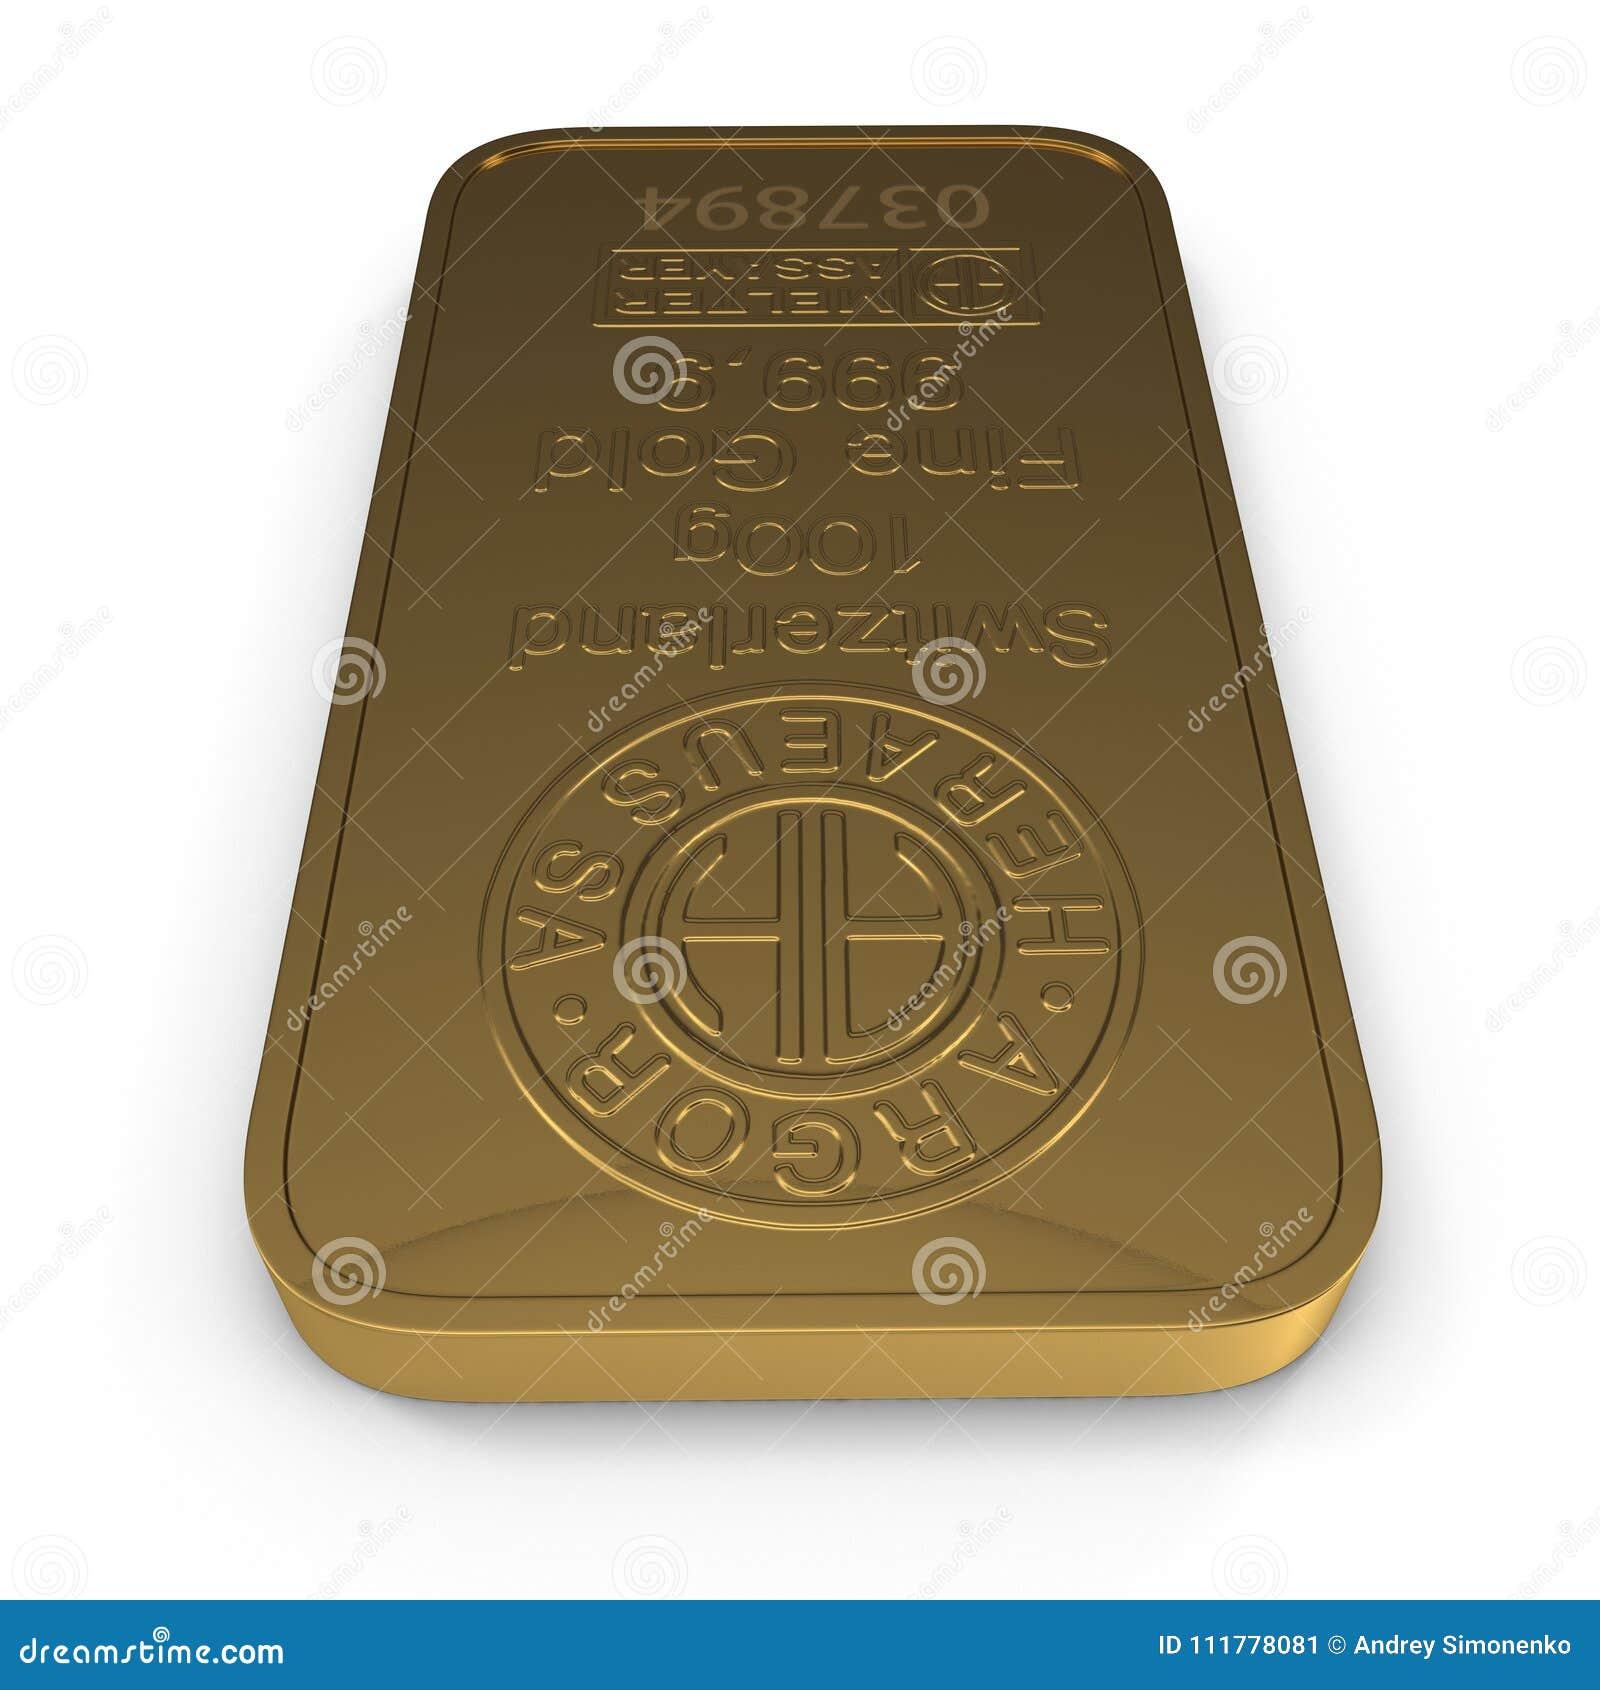 Gold bar 100g isolated on white. 3D illustration